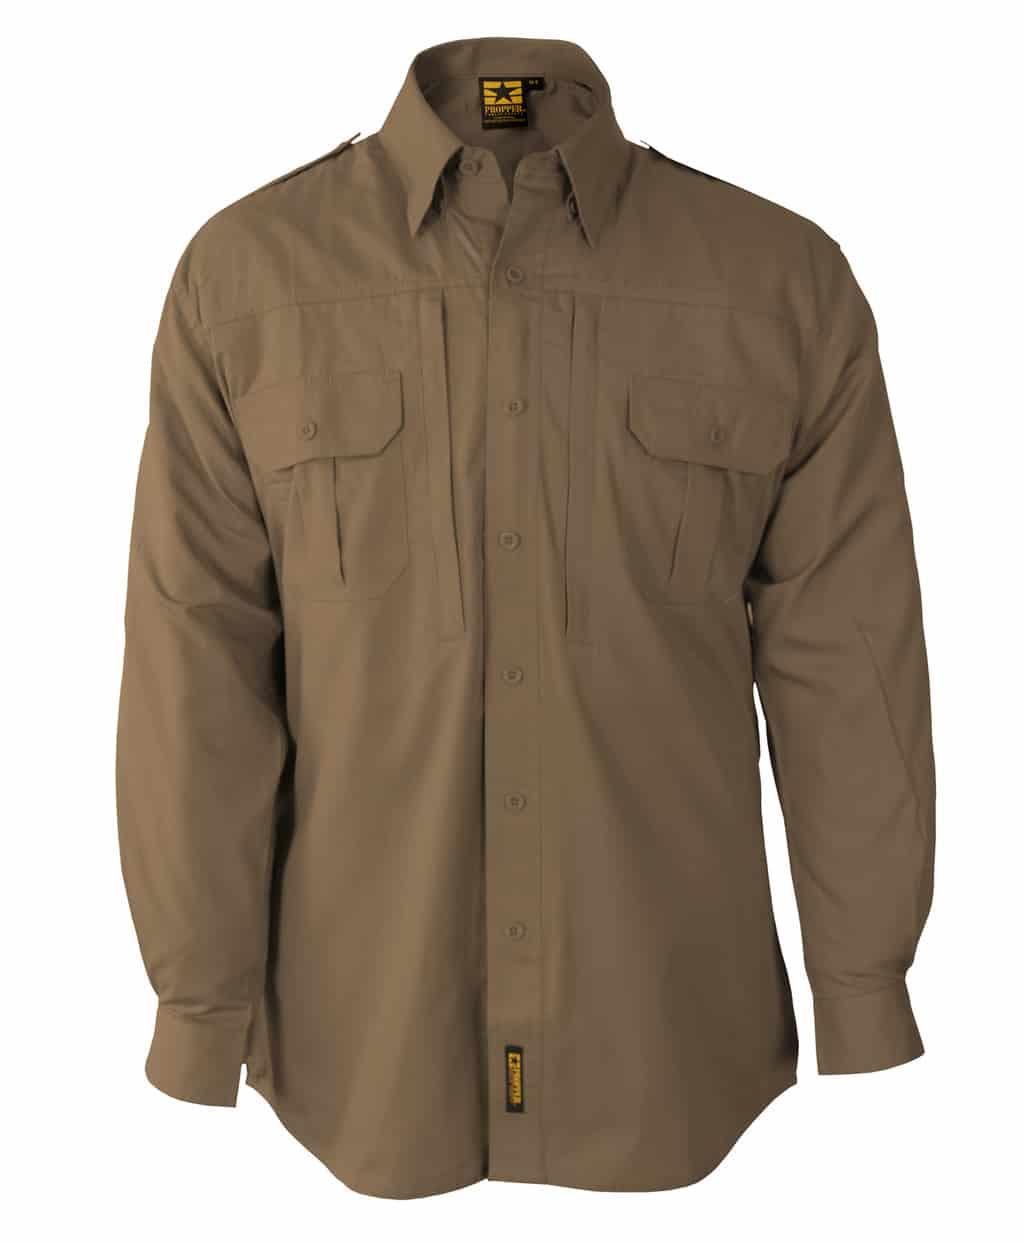 Men S Light Weight Tactical Long Sleeve Shirt By Propper